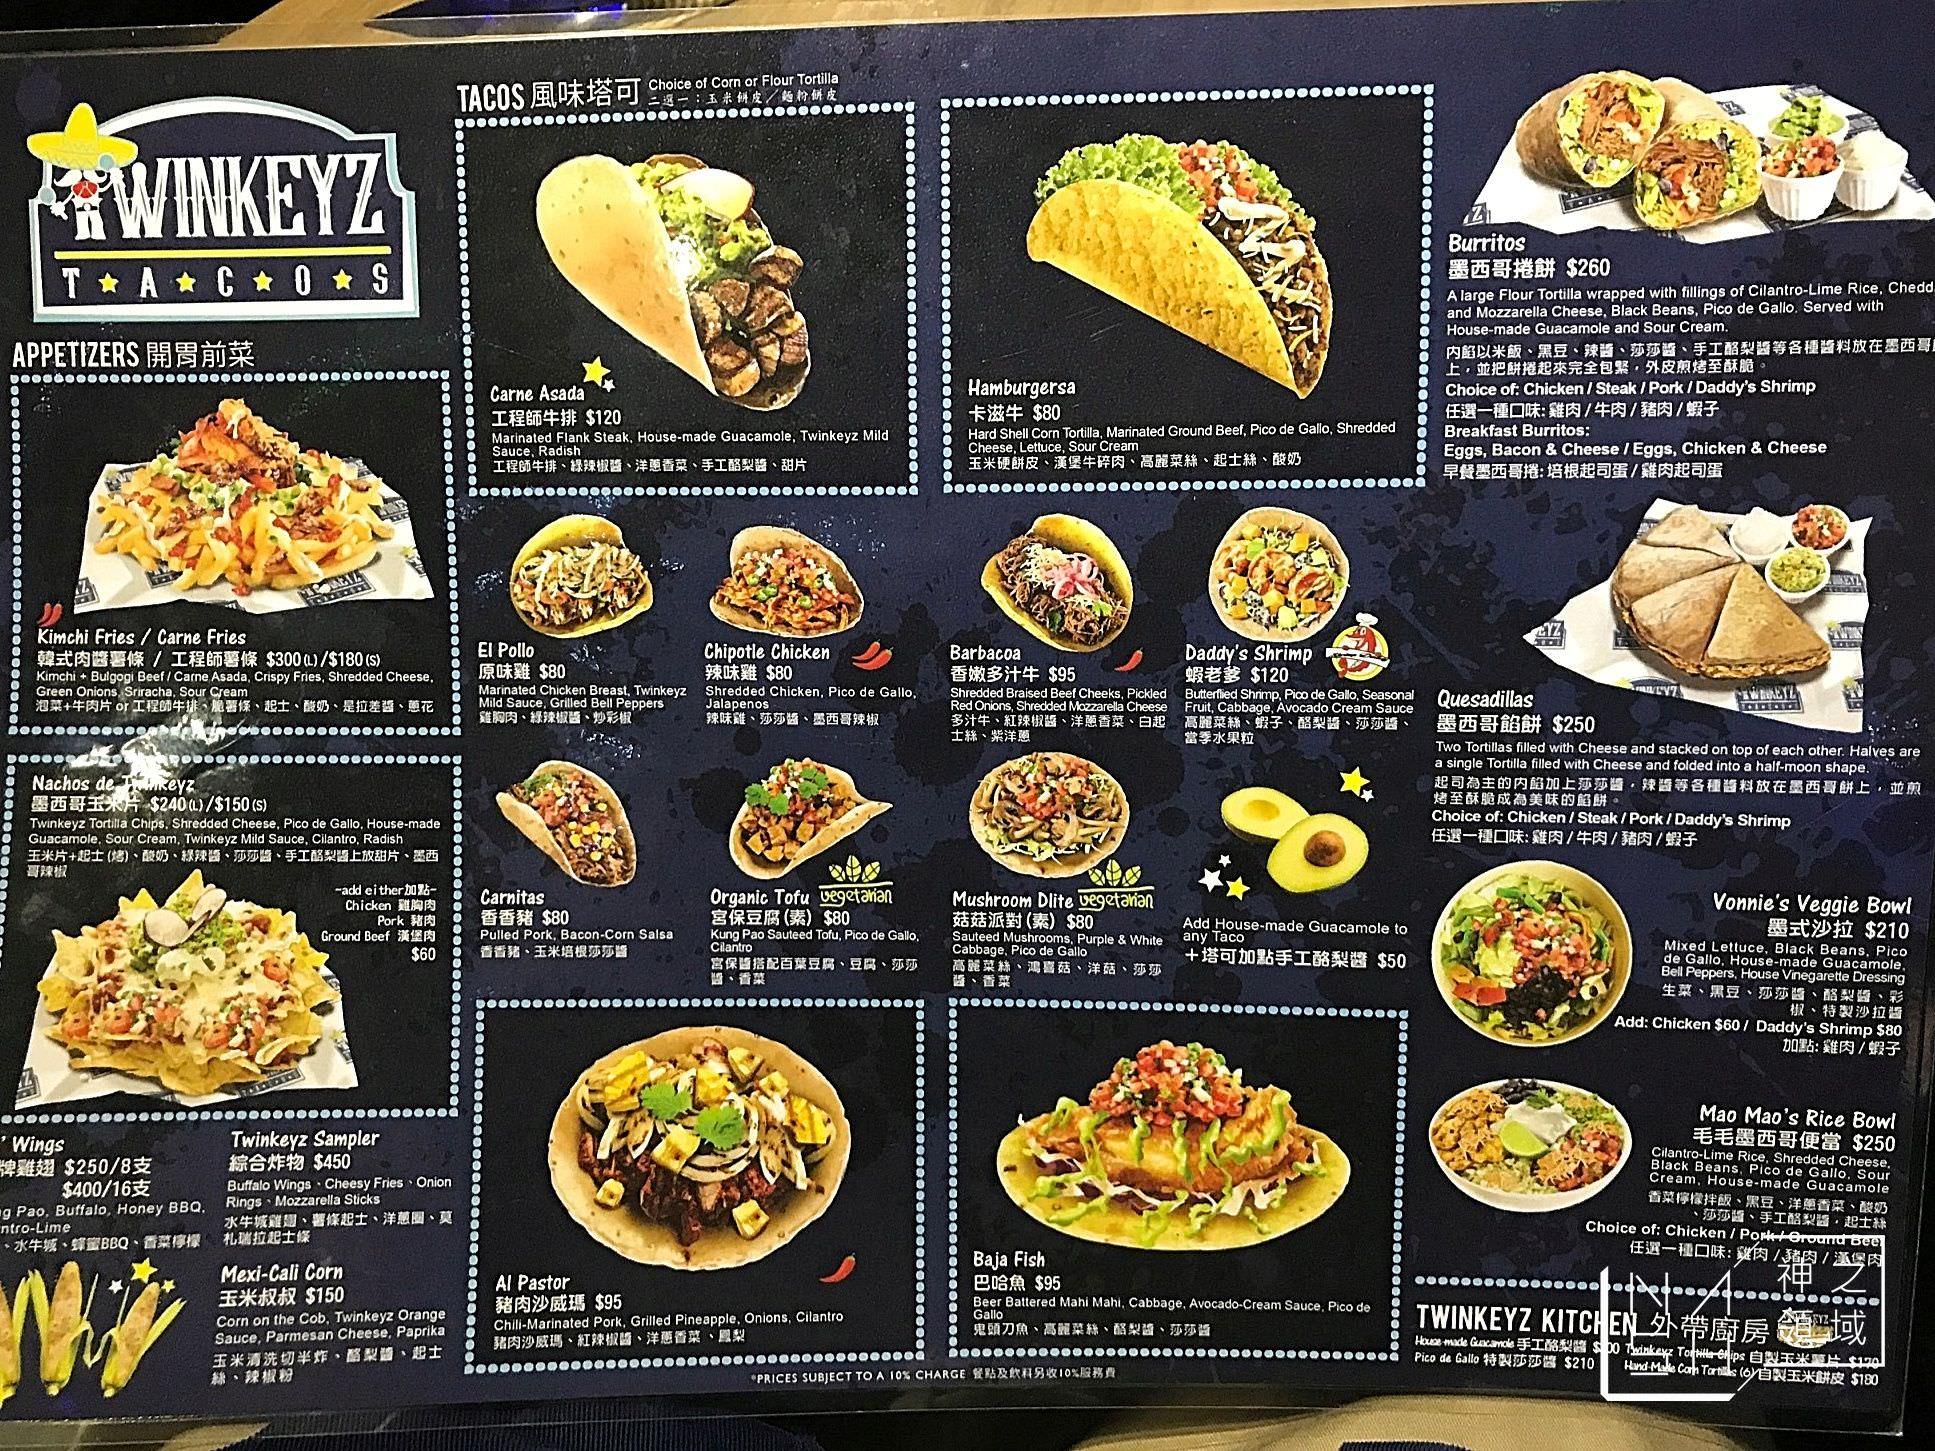 台北Taco推薦,捷運忠孝敦化美食推薦,Twinkeyz Tacos,塔可老爹